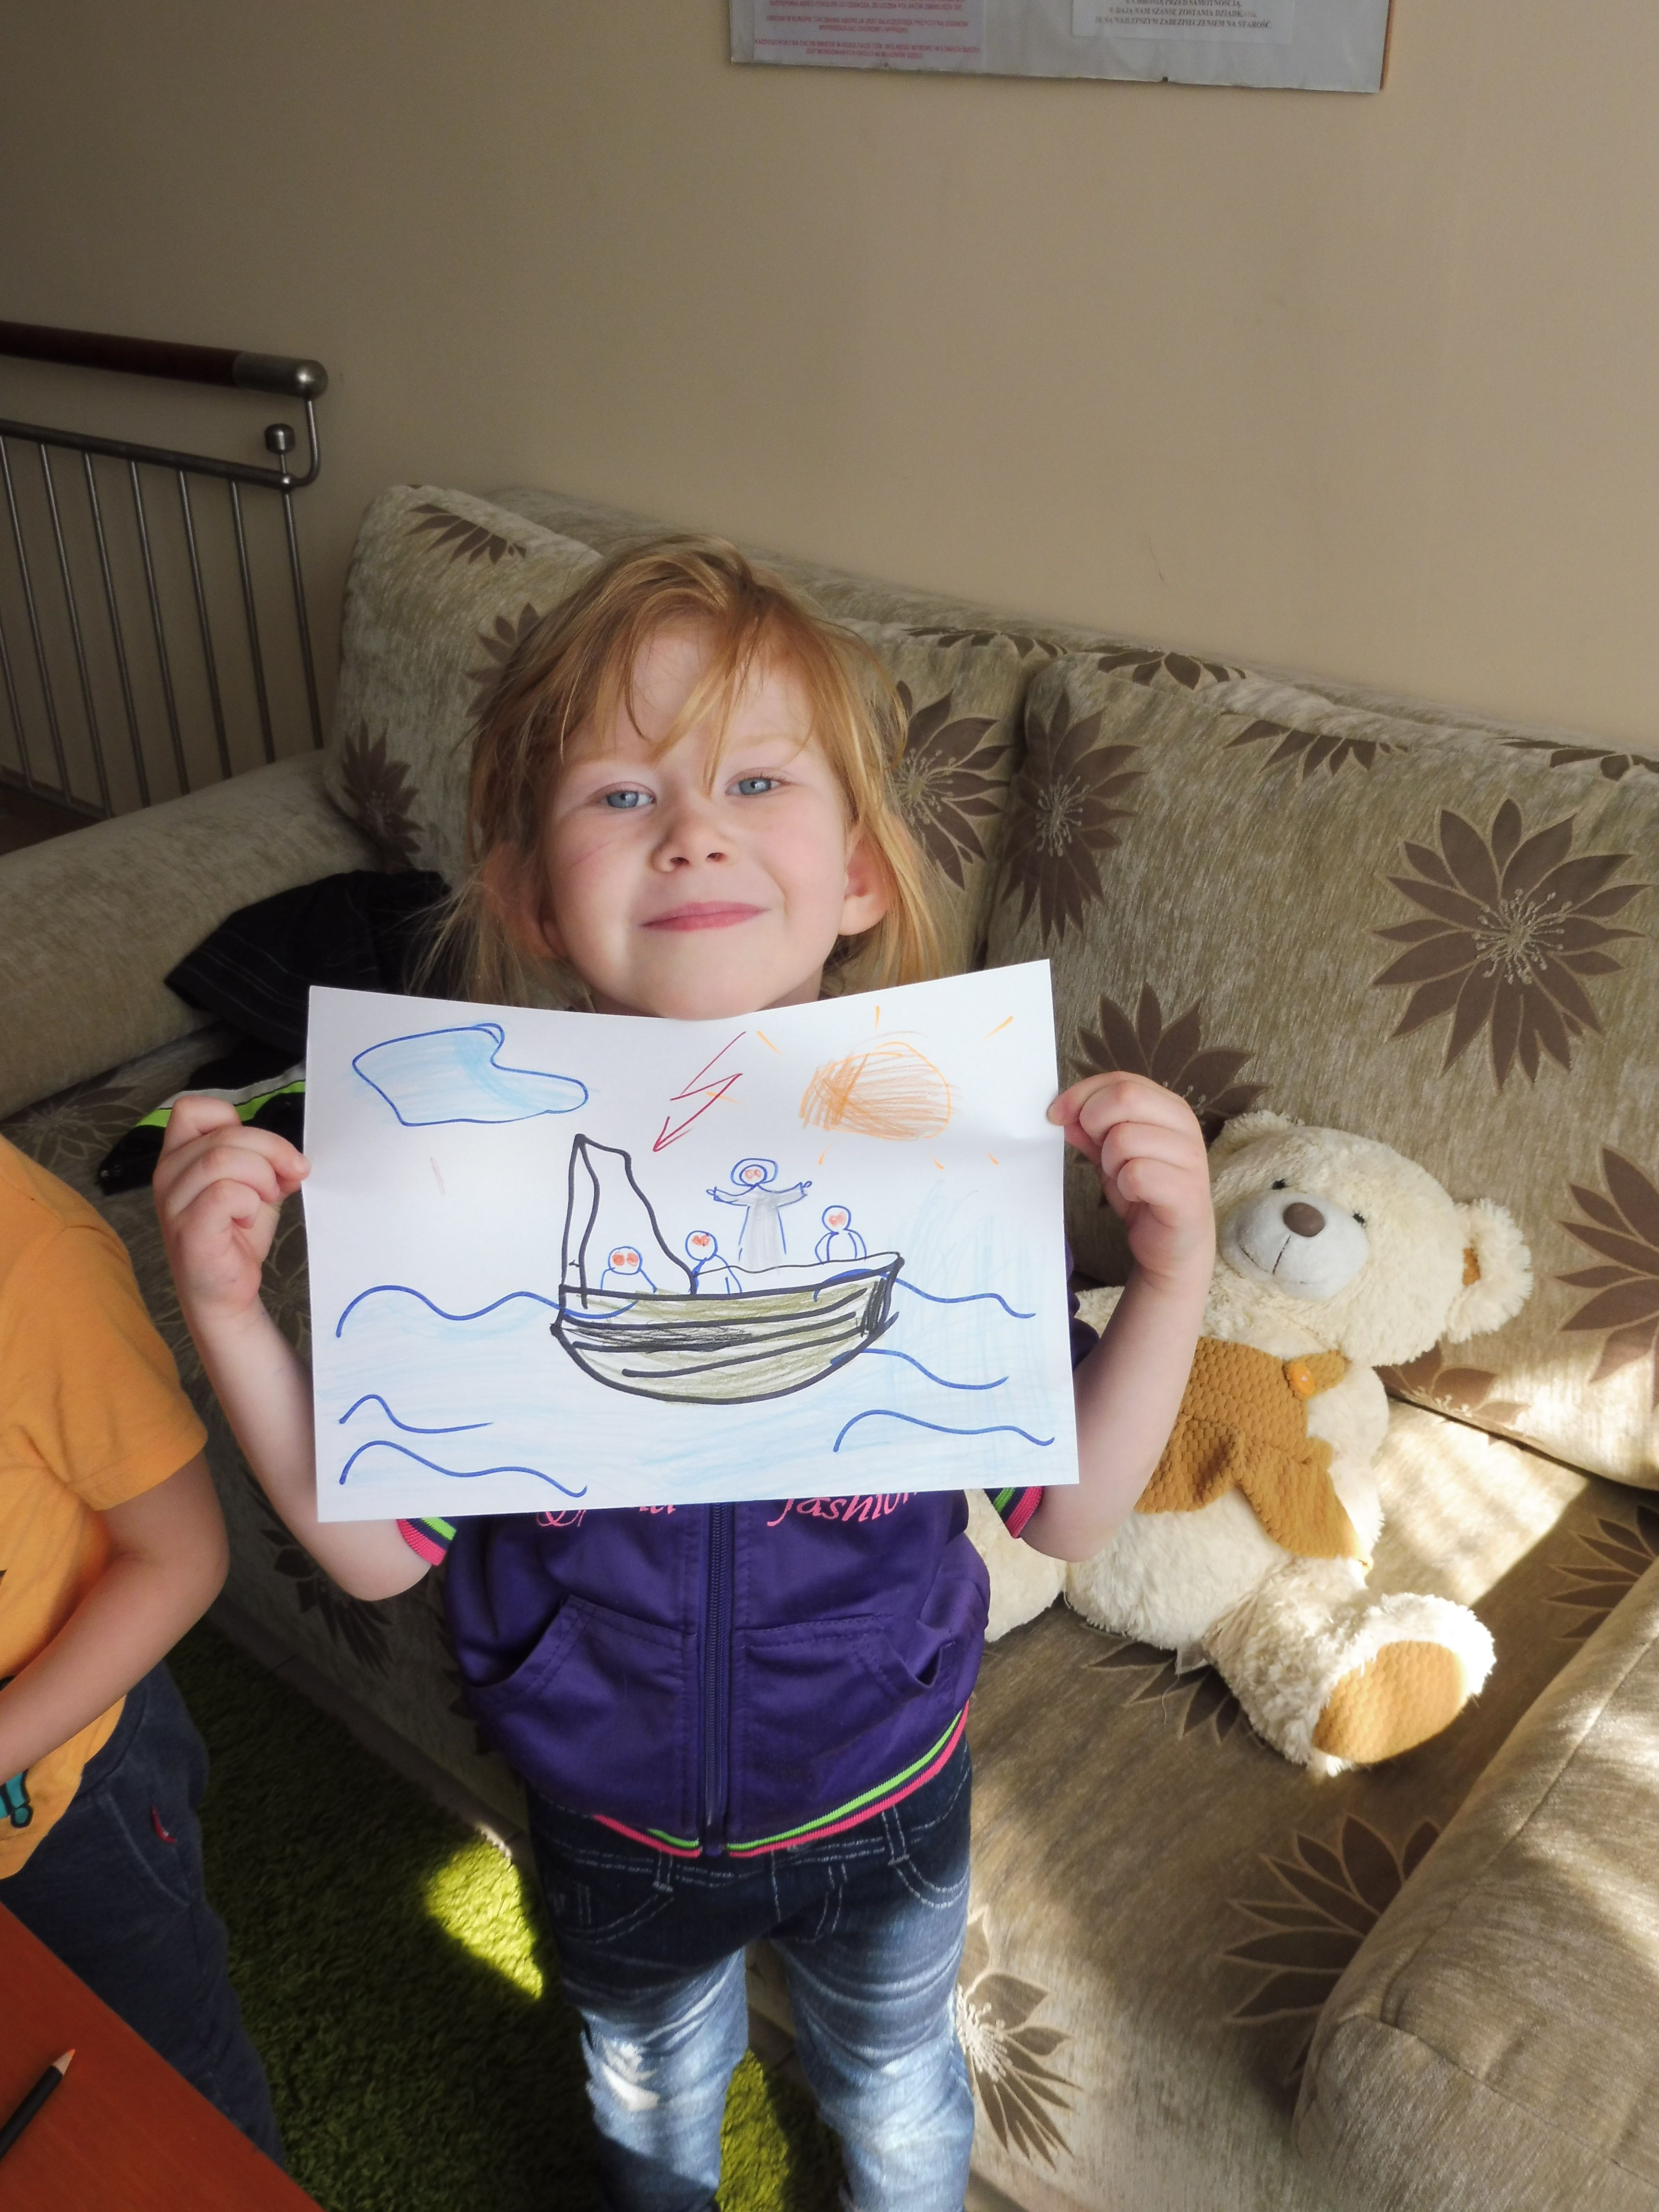 Dziewczynka trzymajaca pokolorowany obrazek perykopy o burzy na jeziorze